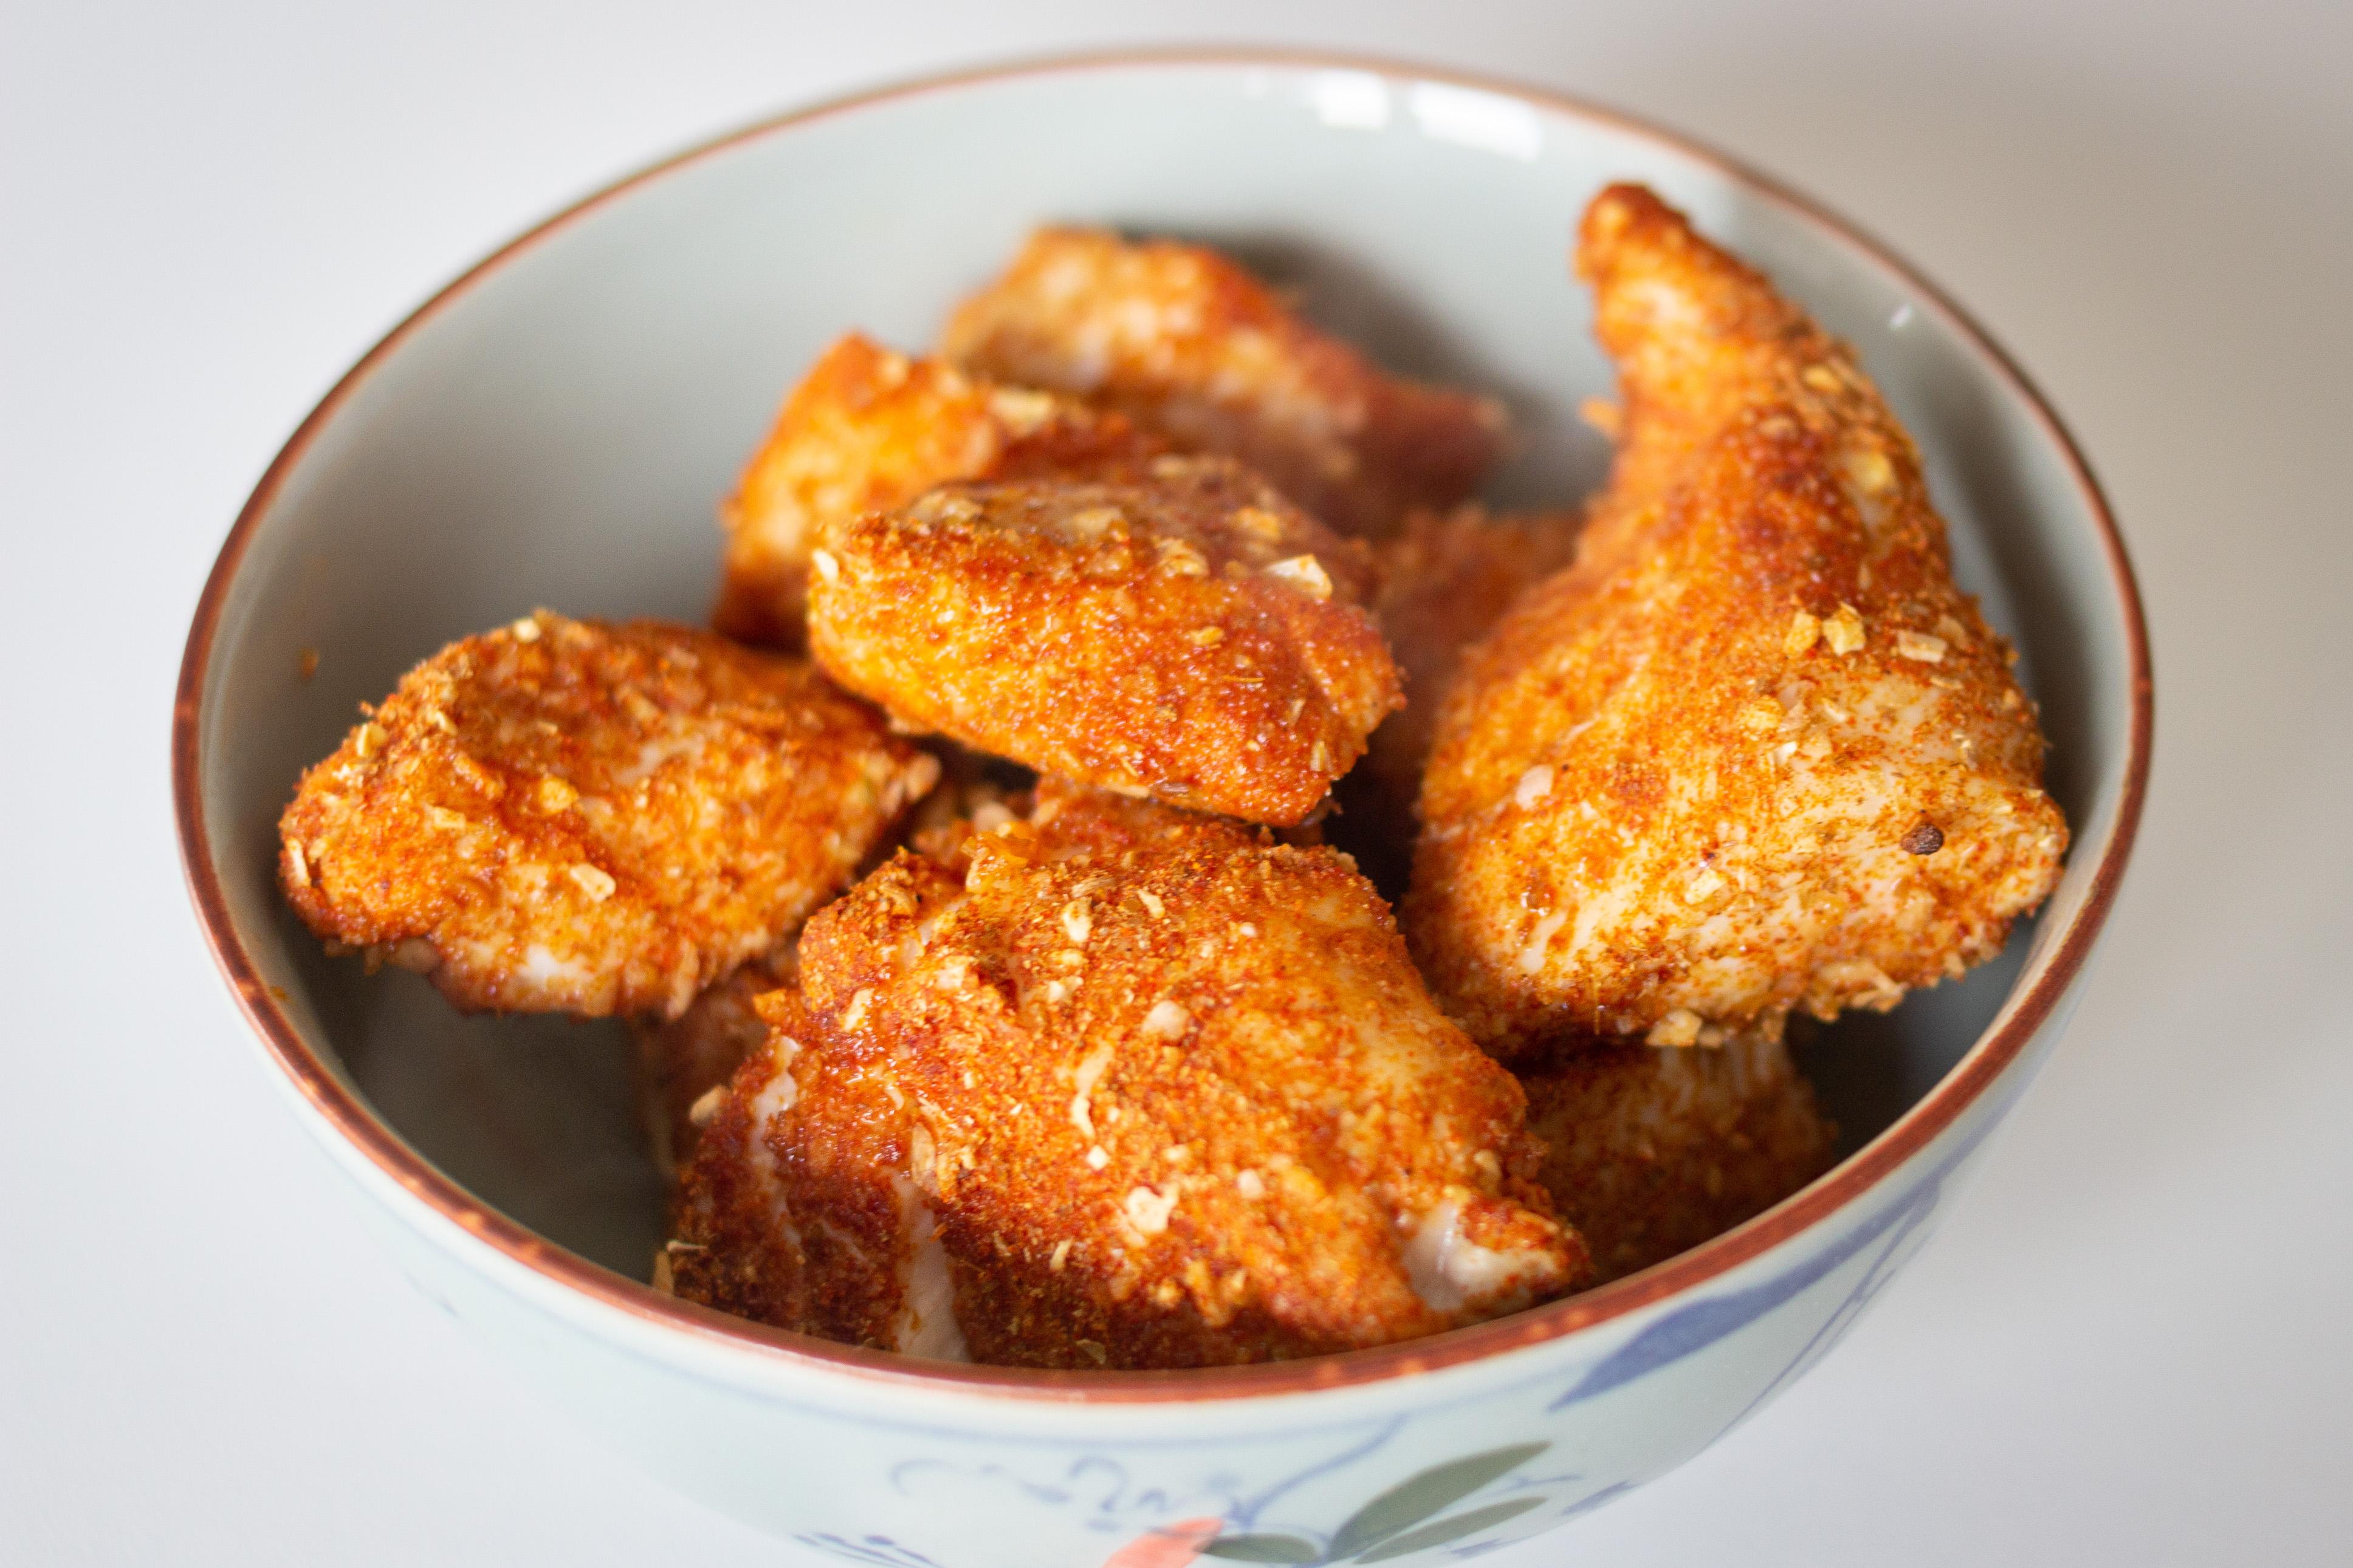 Poulets grillés aux épices